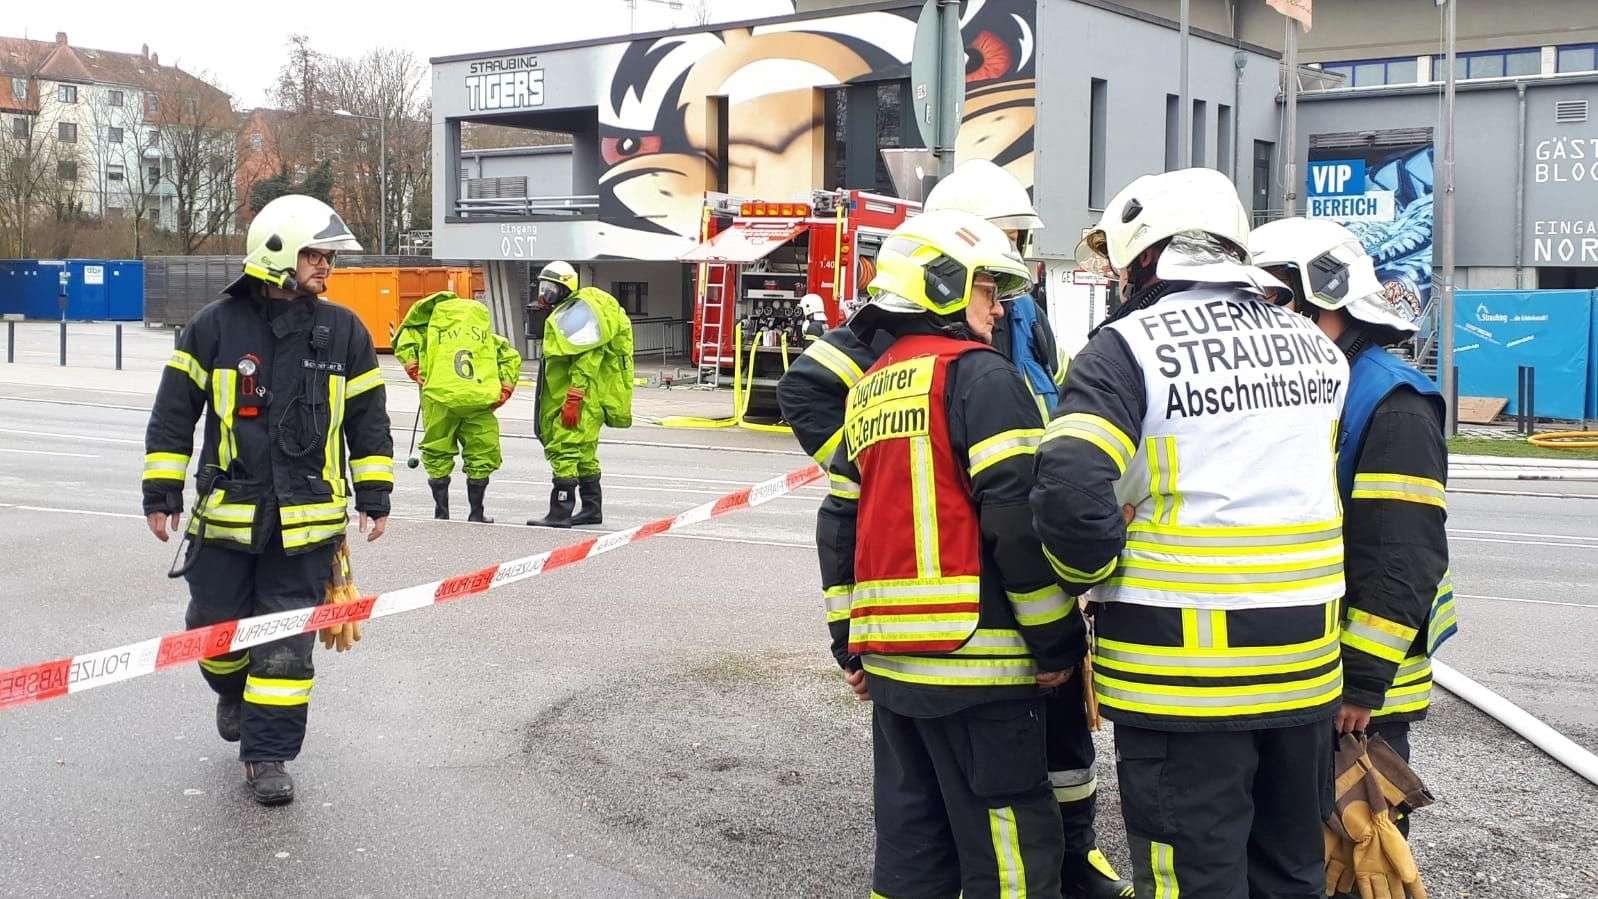 Die Anwohner rund um das Straubinger Eisstadion müssen jetzt evakuiert werden - die Vorbereitungen hierzu laufen.